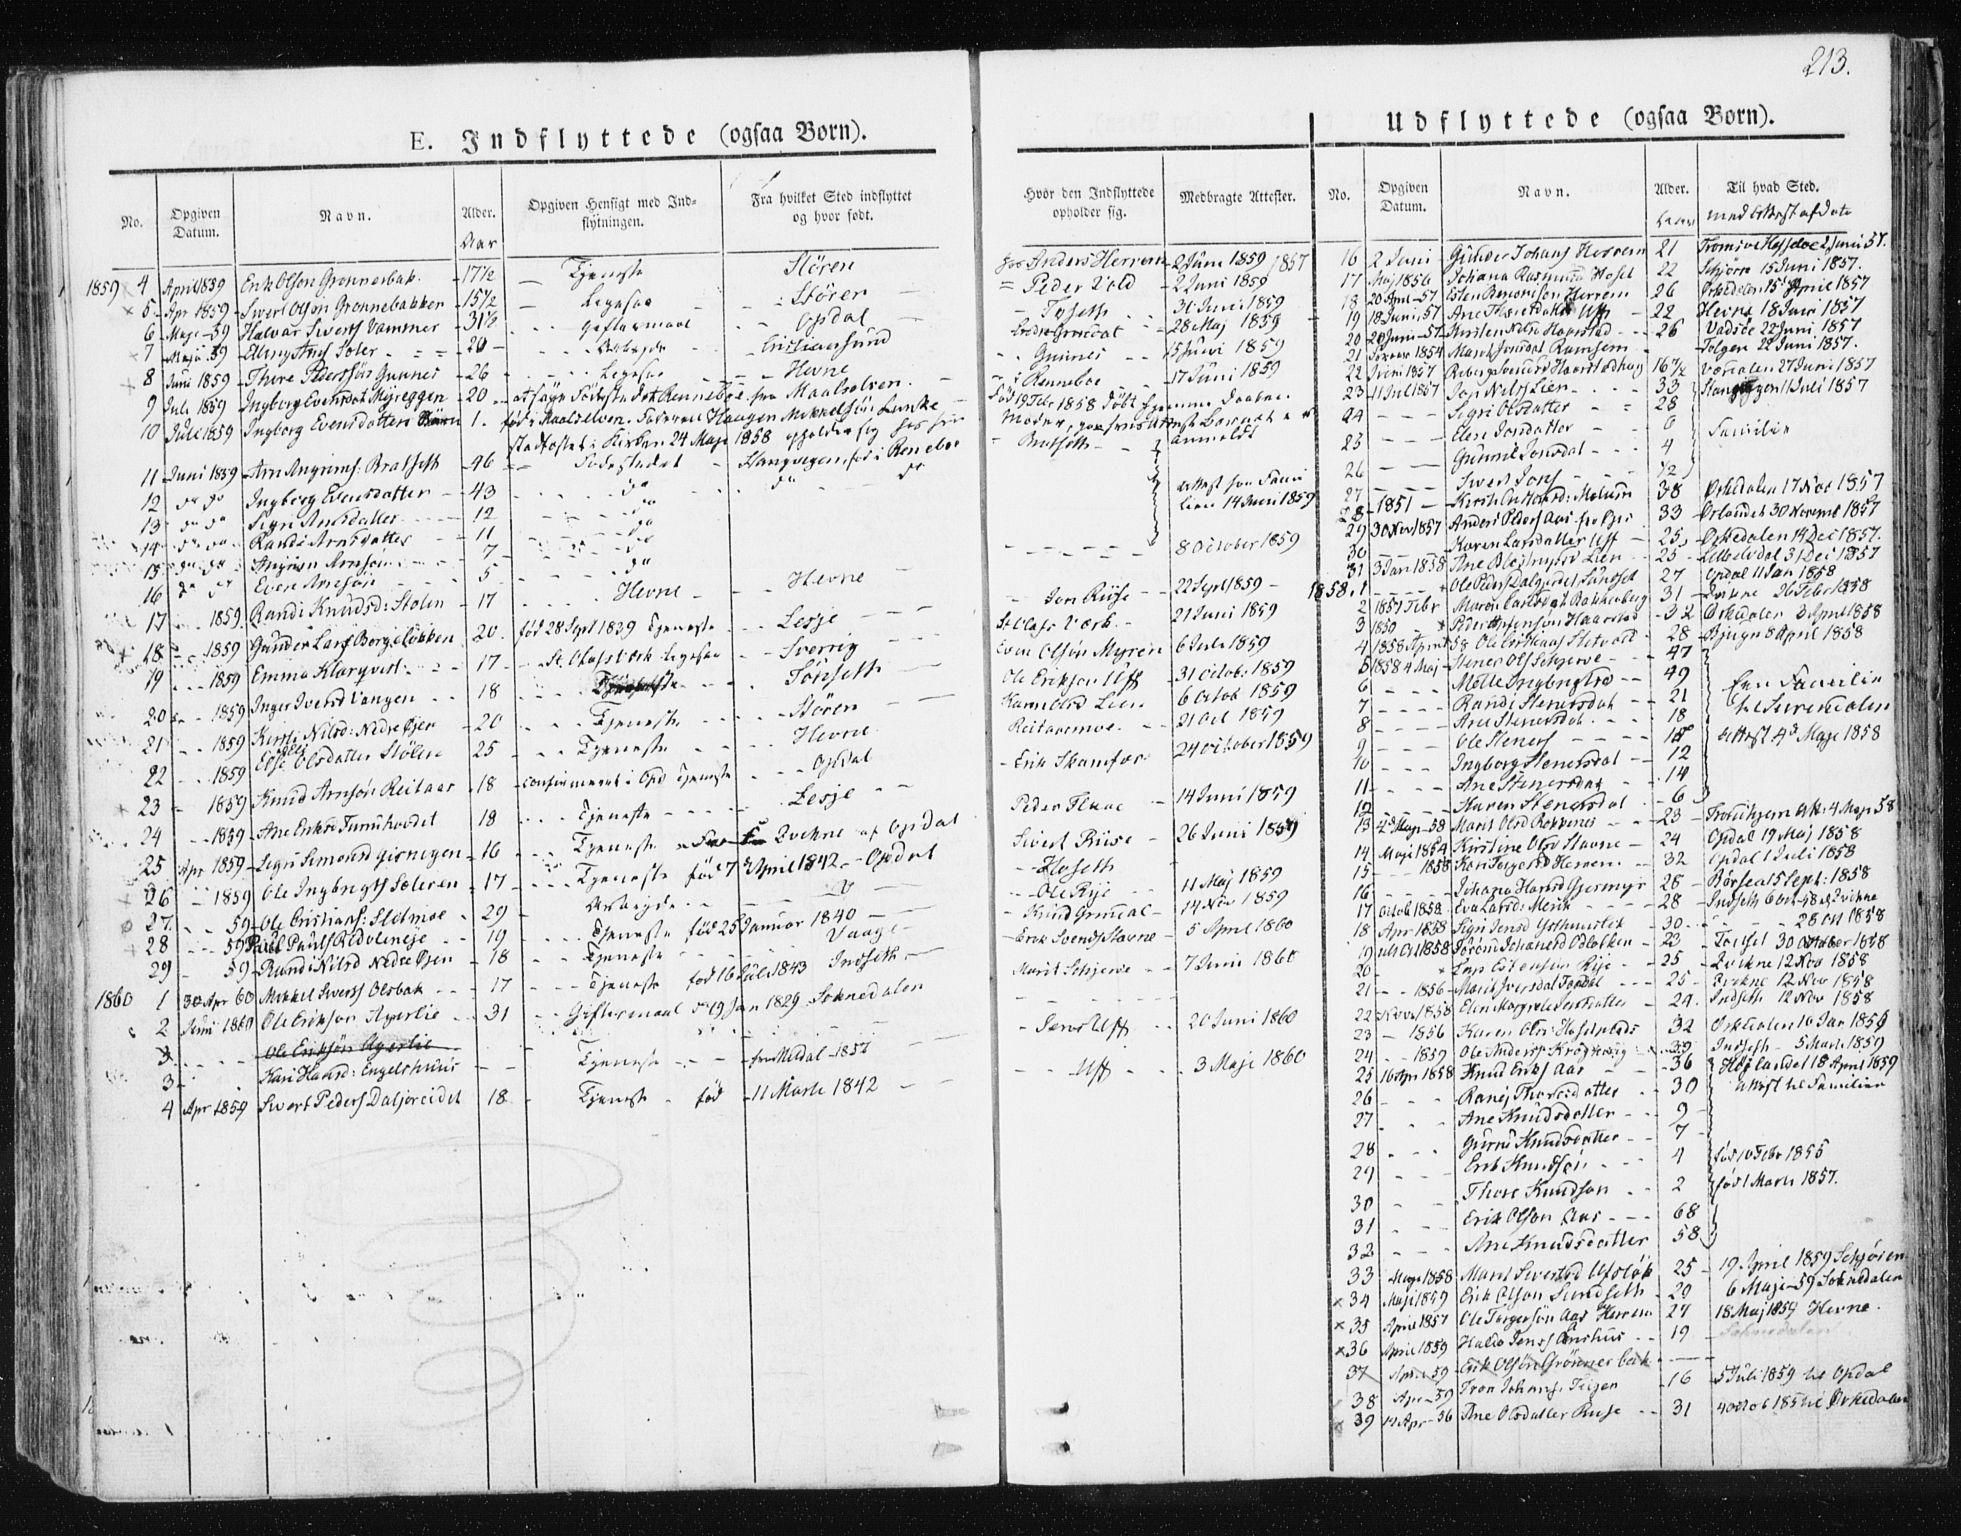 SAT, Ministerialprotokoller, klokkerbøker og fødselsregistre - Sør-Trøndelag, 674/L0869: Ministerialbok nr. 674A01, 1829-1860, s. 213